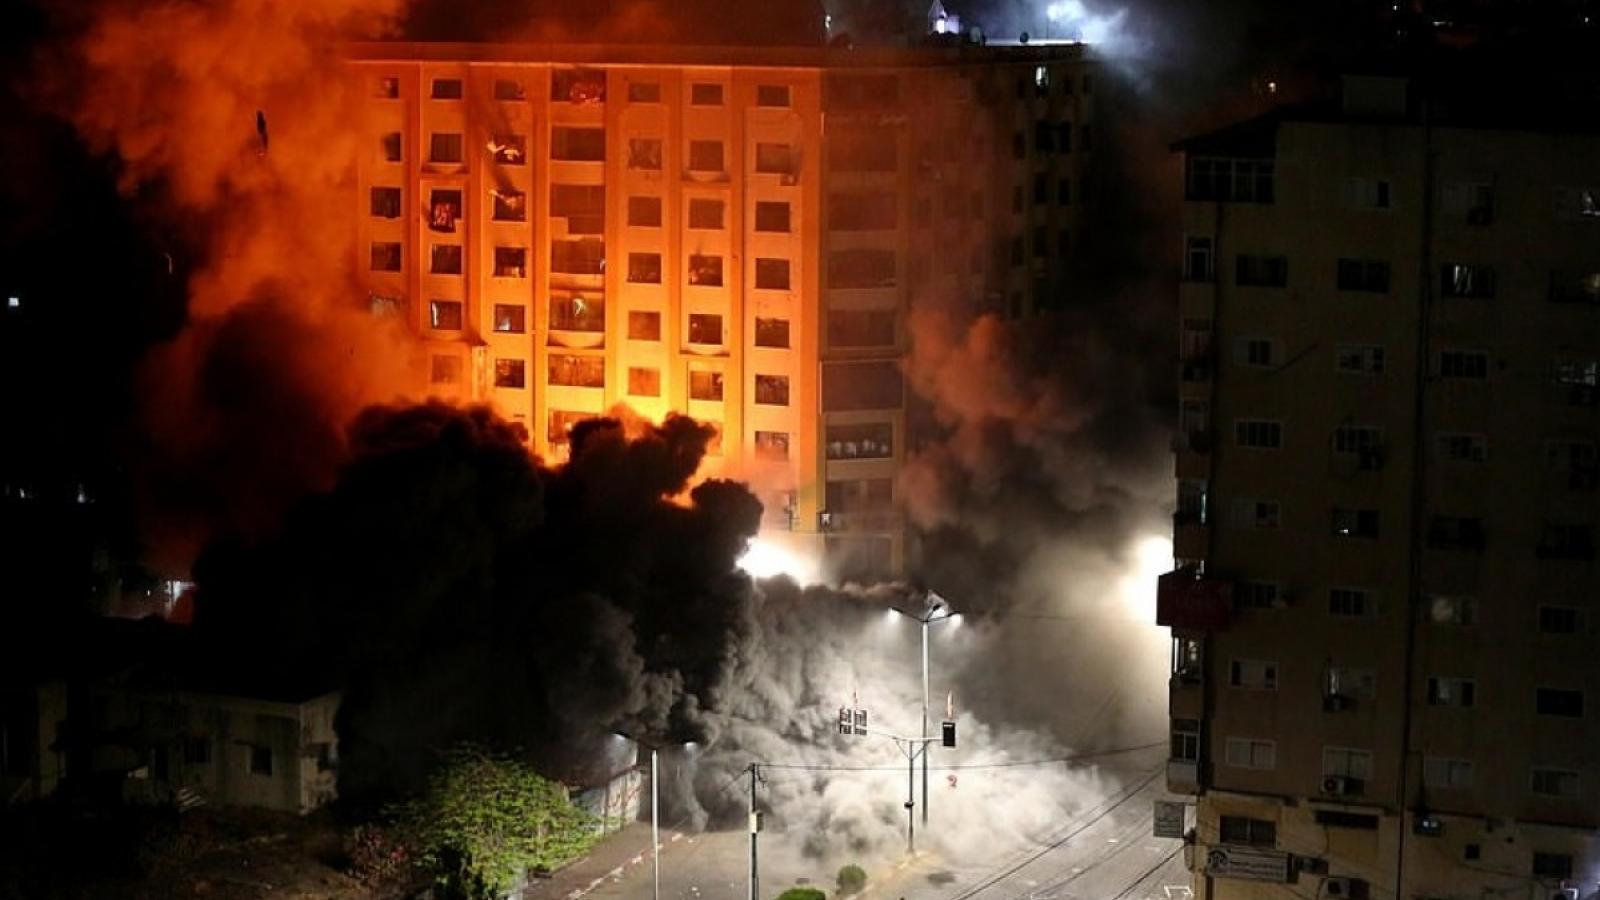 Hội đồng Bảo an họp khẩn trước những diễn biến căng thẳng giữa Israel và Palestine